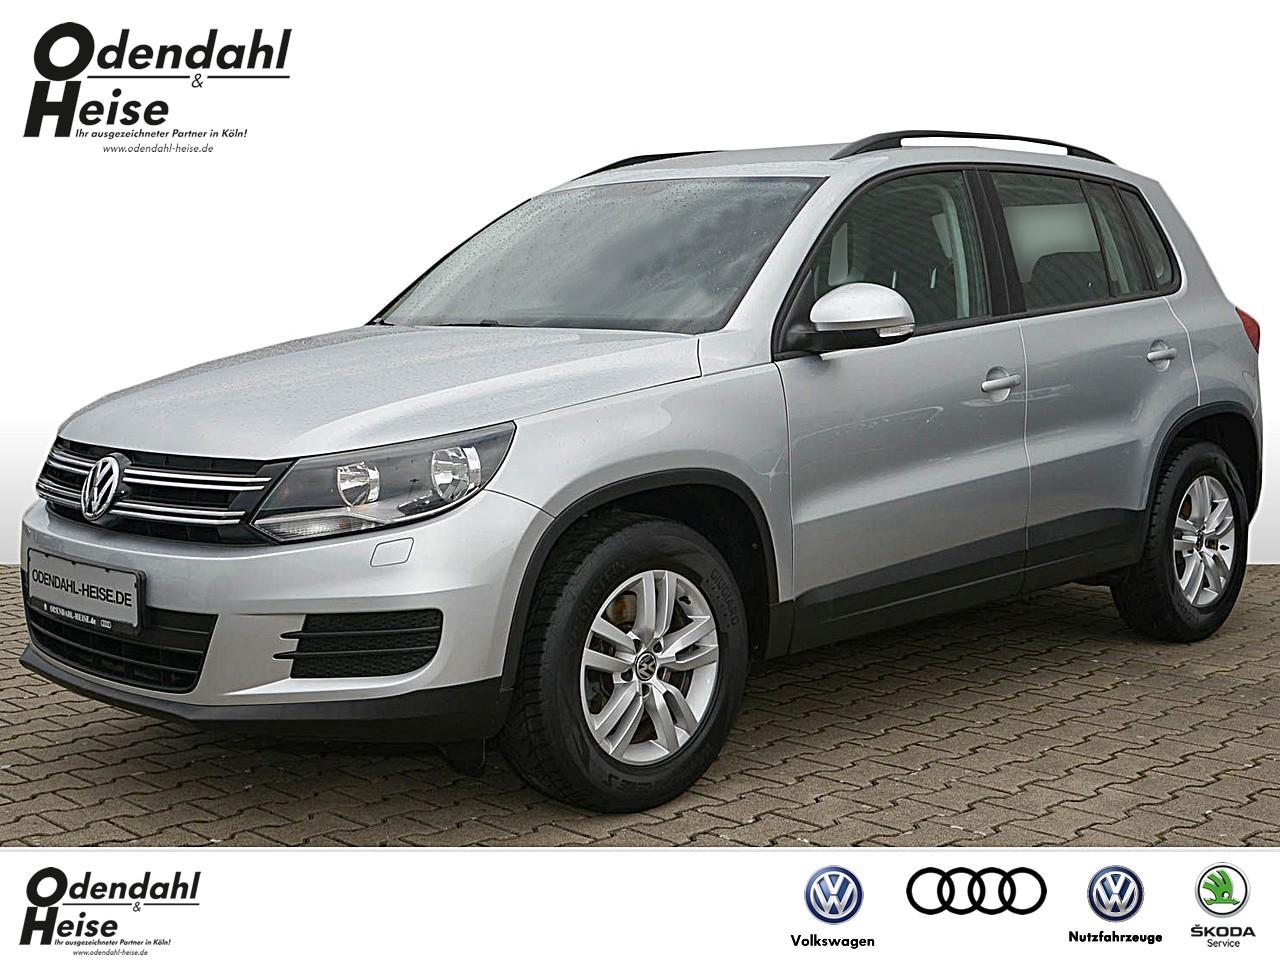 Volkswagen Tiguan 1,4 l TSI BMT EU6 Navi Einparkhilfe, Jahr 2015, Benzin